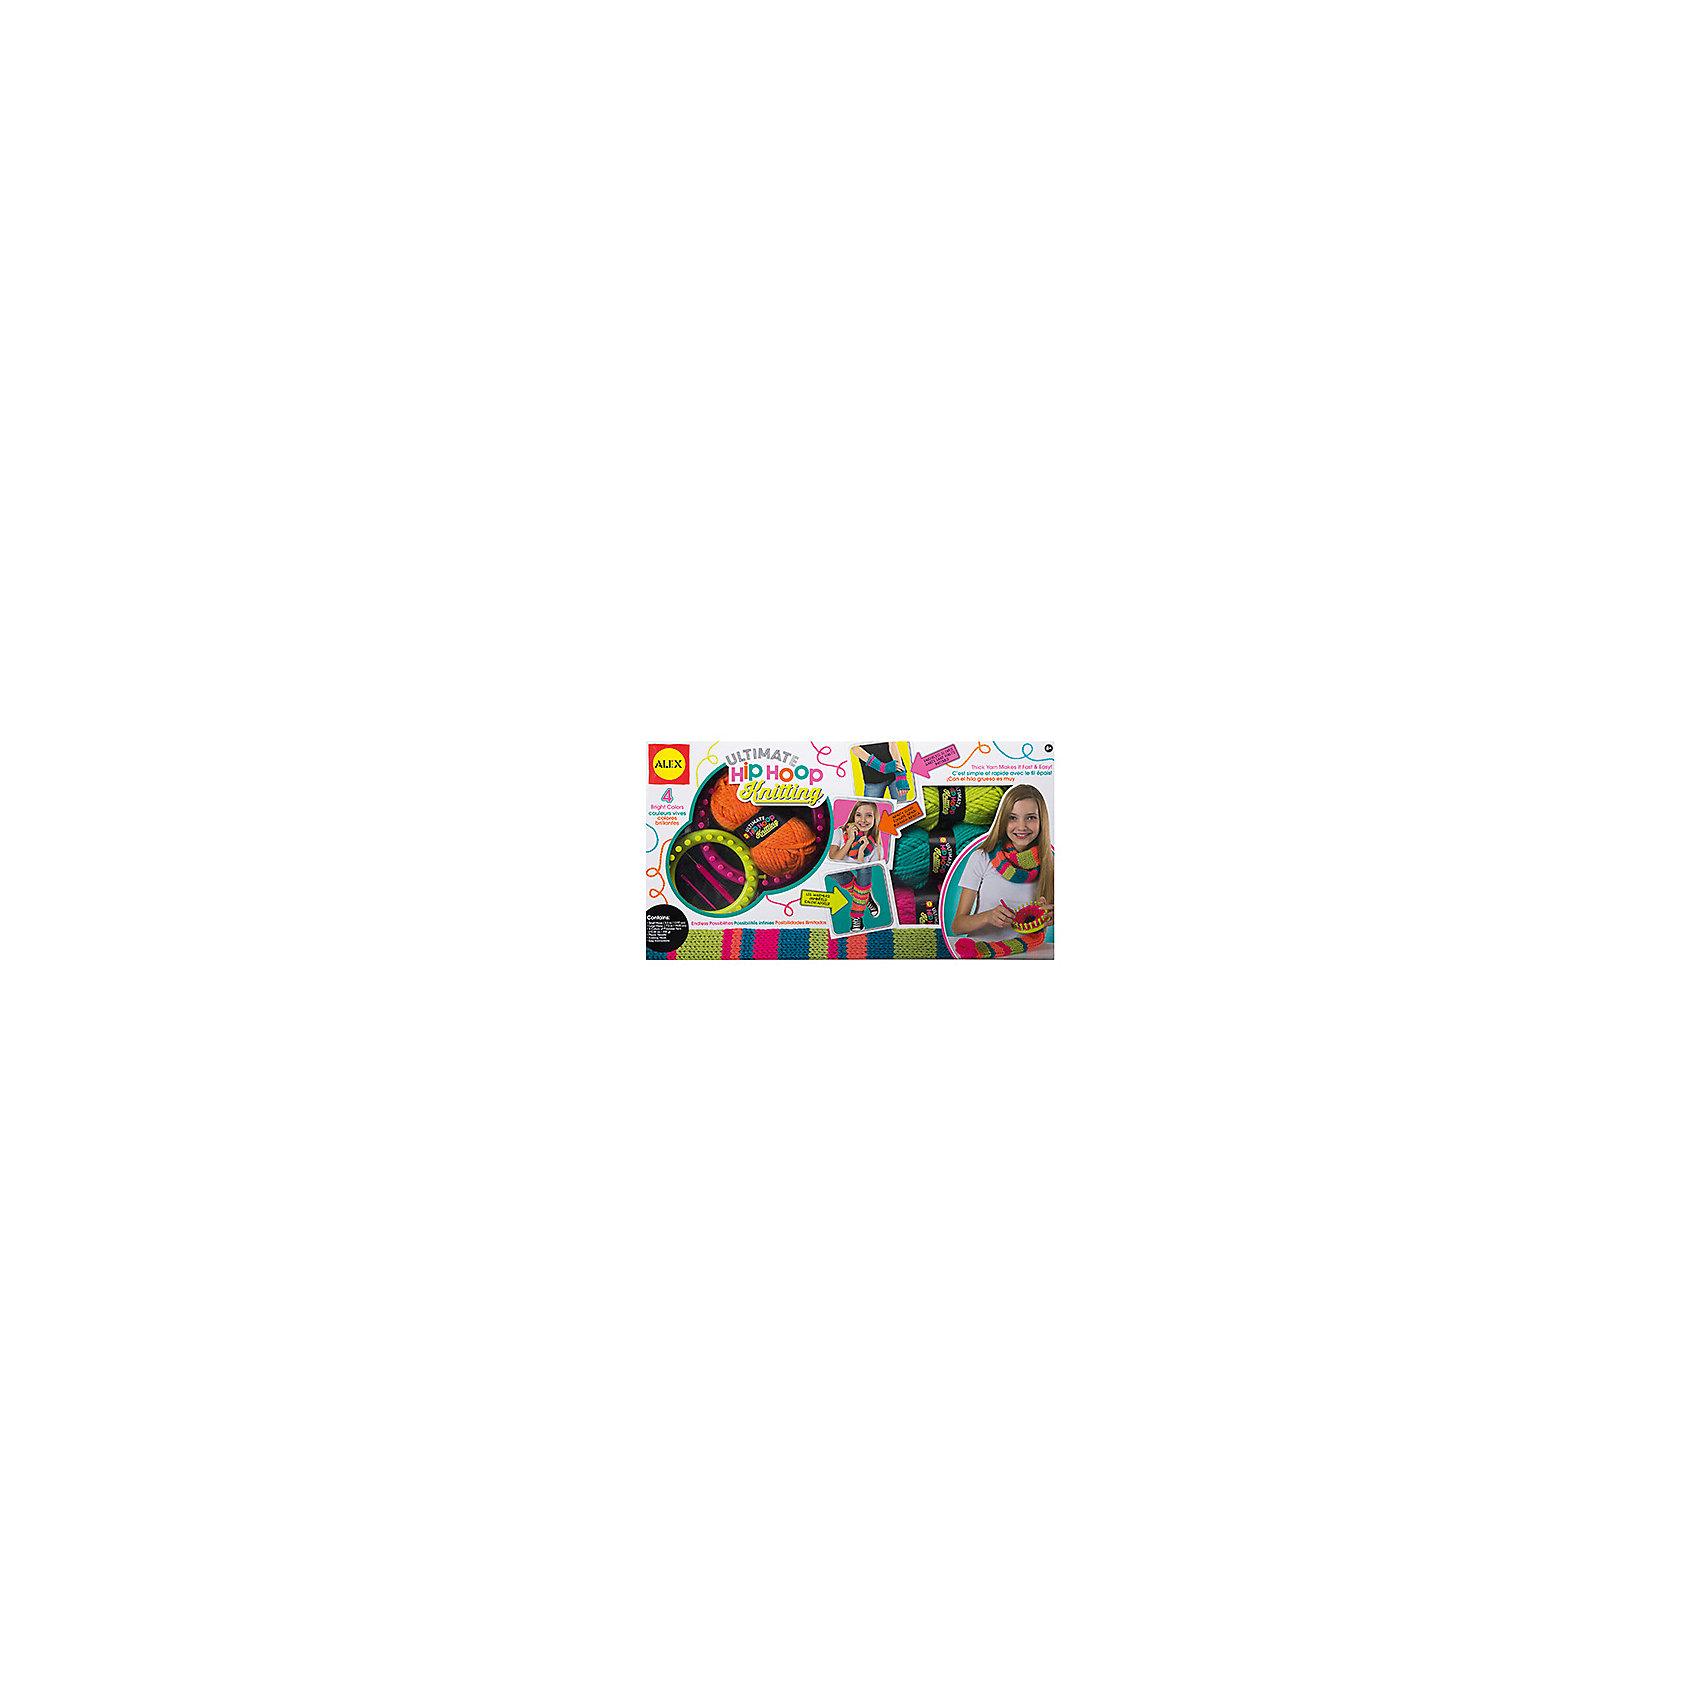 Набор  Вяжем крутые модные вещи на круговом станкеШерсть<br>Набор Вяжем крутые модные вещи на круговом станке- замечательный набор для юных любительниц рукоделия, который познакомит их с оригинальной техникой вязания - французскому круговому вязанию. Используя специальные обручи для вязания можно легко и быстро научиться вязать модные и стильные аксессуары: перчатки без пальцев, вязаные гамаши и чудесные шарфики разных цветов. В наборе Вы найдете все необходимые материалы: два обруча разных диаметров, разноцветную шерсть, безопасную пластиковую иголку и крючок.<br><br>Дополнительная информация:<br><br>- В комплекте: 2 обруча для вязания разных размеров, 4 мотка пряжи, крючок, пластиковая игла, инструкция.<br>- Материал: шерсть, пластик<br>- Размер упаковки: 58,5 х 31,7 х 6,4 см.<br>- Вес: 0,91 кг.<br><br>Набор  Вяжем крутые модные вещи на круговом станке, Alex (Алекс) можно купить в нашем интернет-магазине.<br><br>Ширина мм: 580<br>Глубина мм: 317<br>Высота мм: 64<br>Вес г: 6660<br>Возраст от месяцев: 96<br>Возраст до месяцев: 168<br>Пол: Женский<br>Возраст: Детский<br>SKU: 4144059